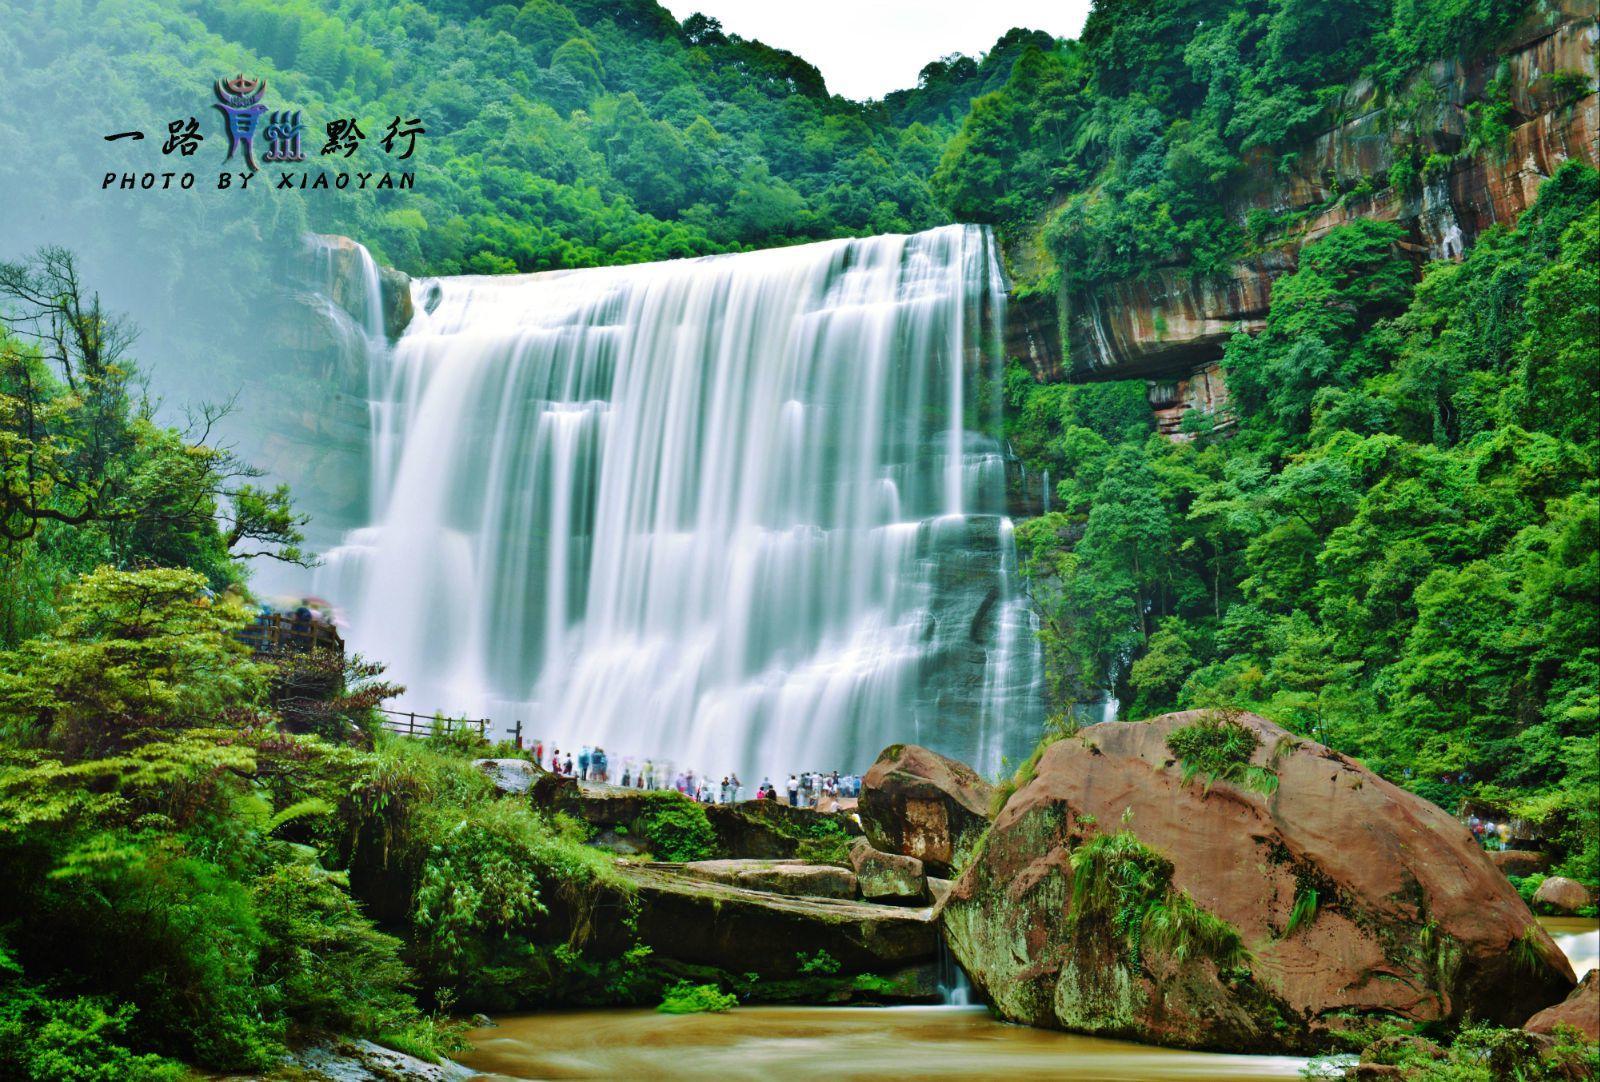 今天的目的地到了,赤水大群雄也叫十丈洞地貌,是瀑布丹霞我国上最大江湖瀑布传1游戏秘籍图片